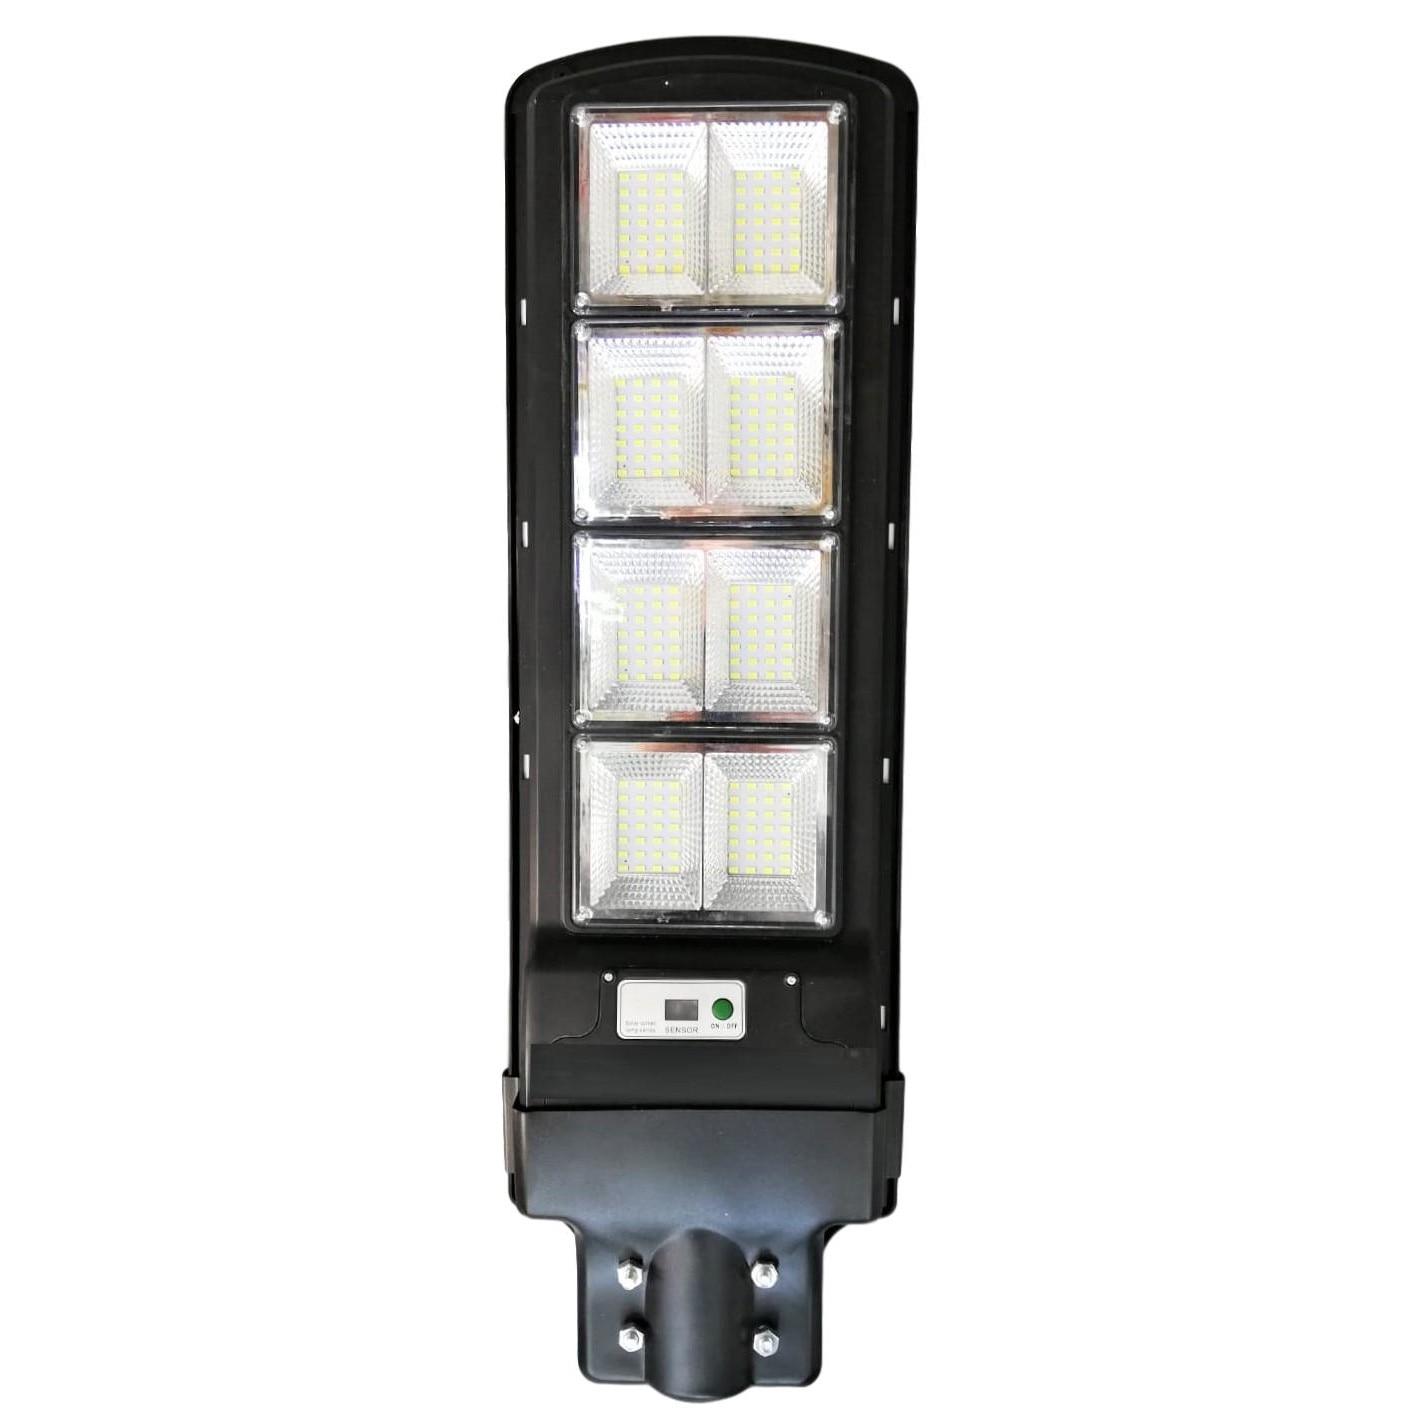 Lampa Led 120w Iluminat Stradal Solara Cu Senzor Premium Emag Ro